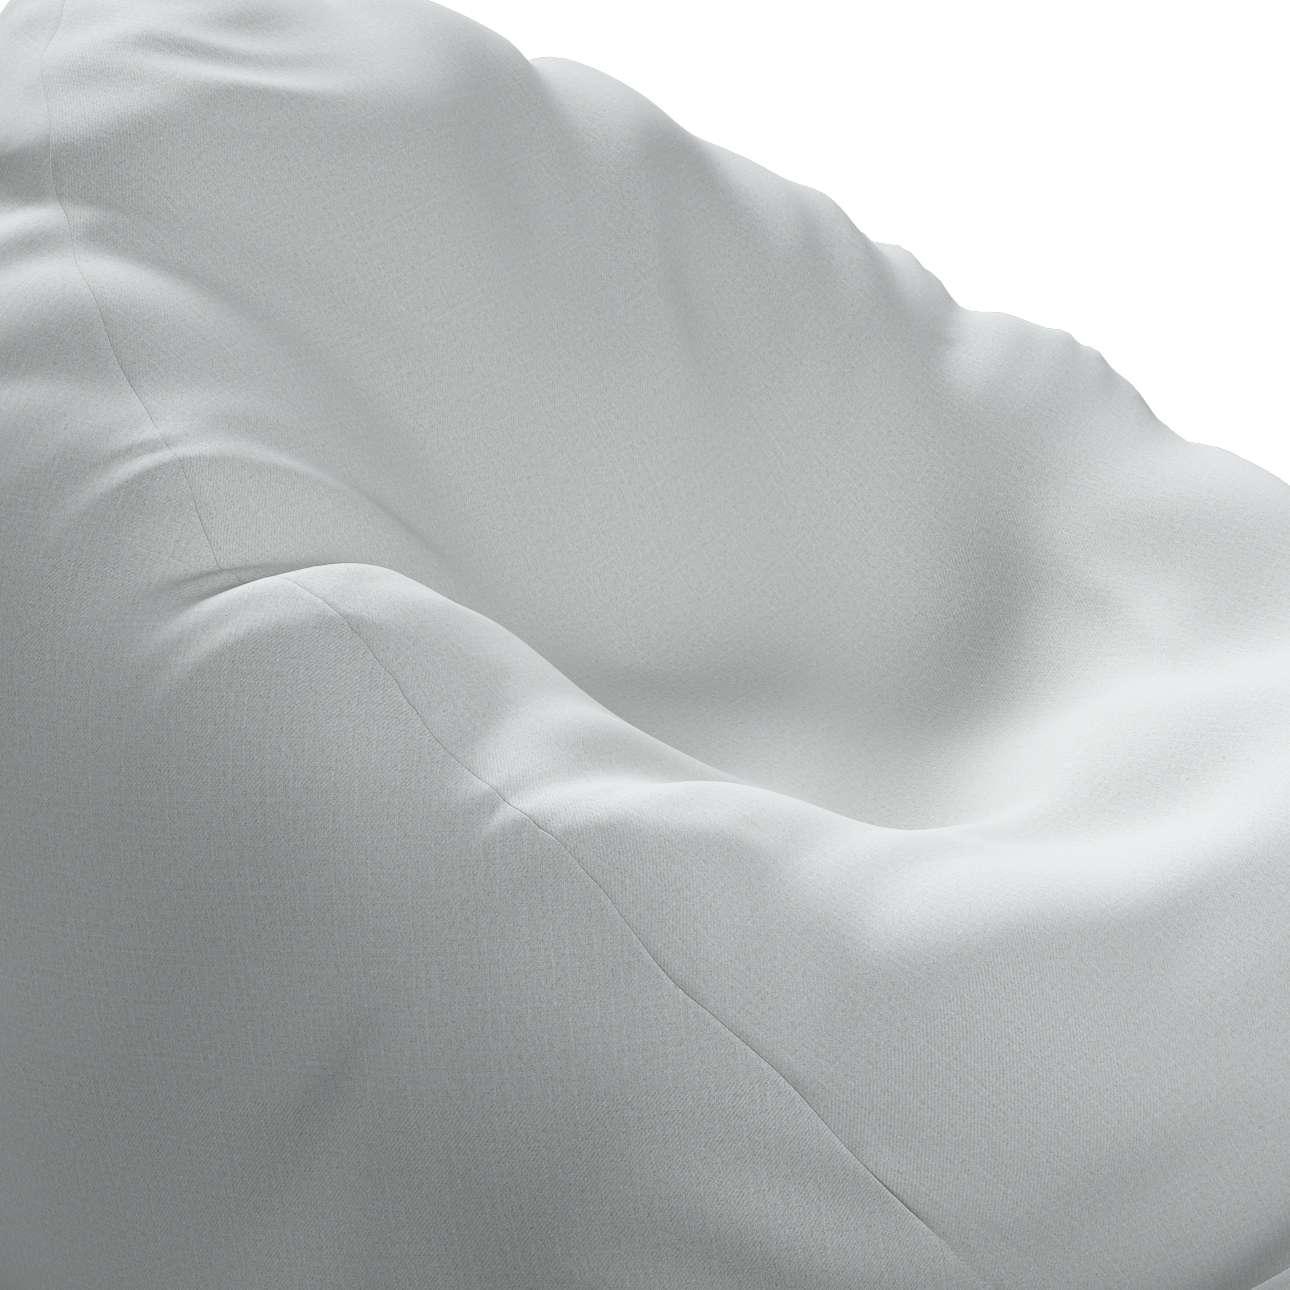 Pokrowiec na worek do siedzenia w kolekcji Living, tkanina: 161-18